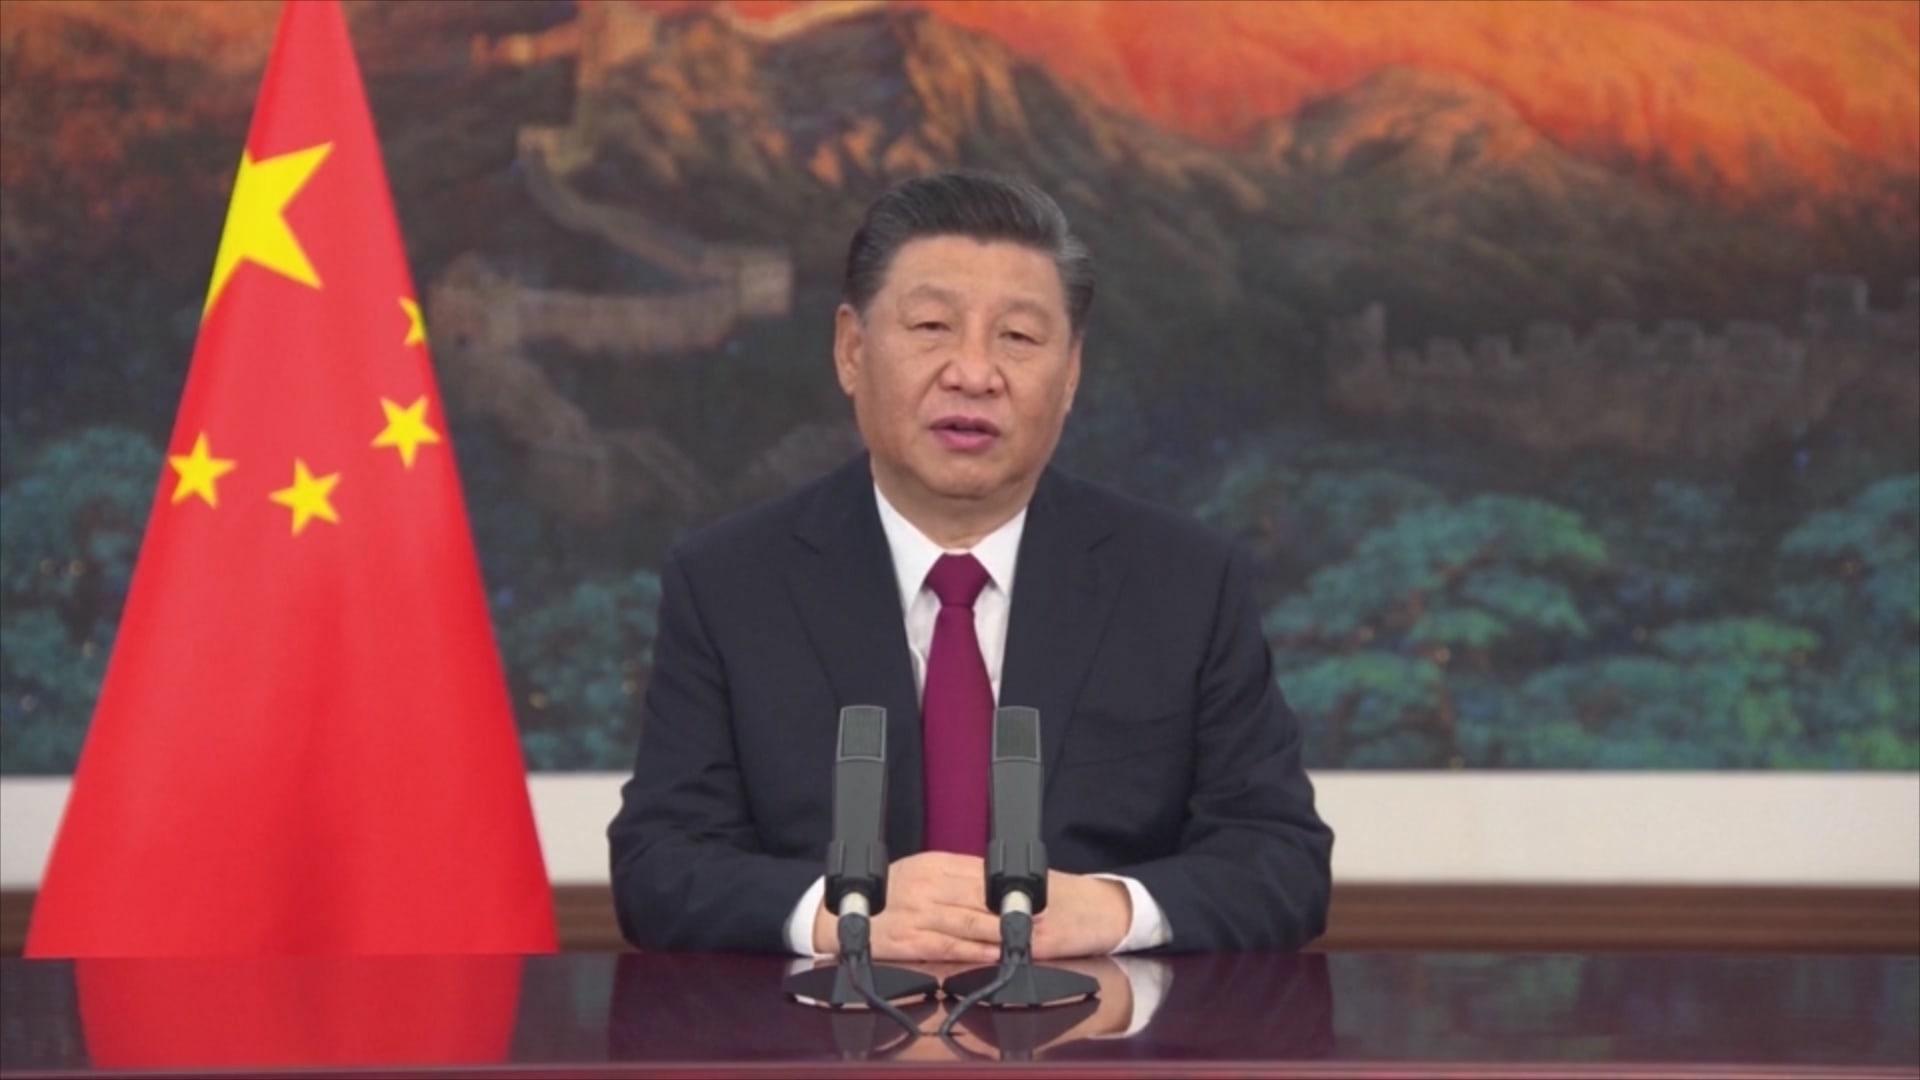 دون ذكر أسماء.. الرئيس الصيني يوجه انتقادات لاذعة لأمريكا وبايدن